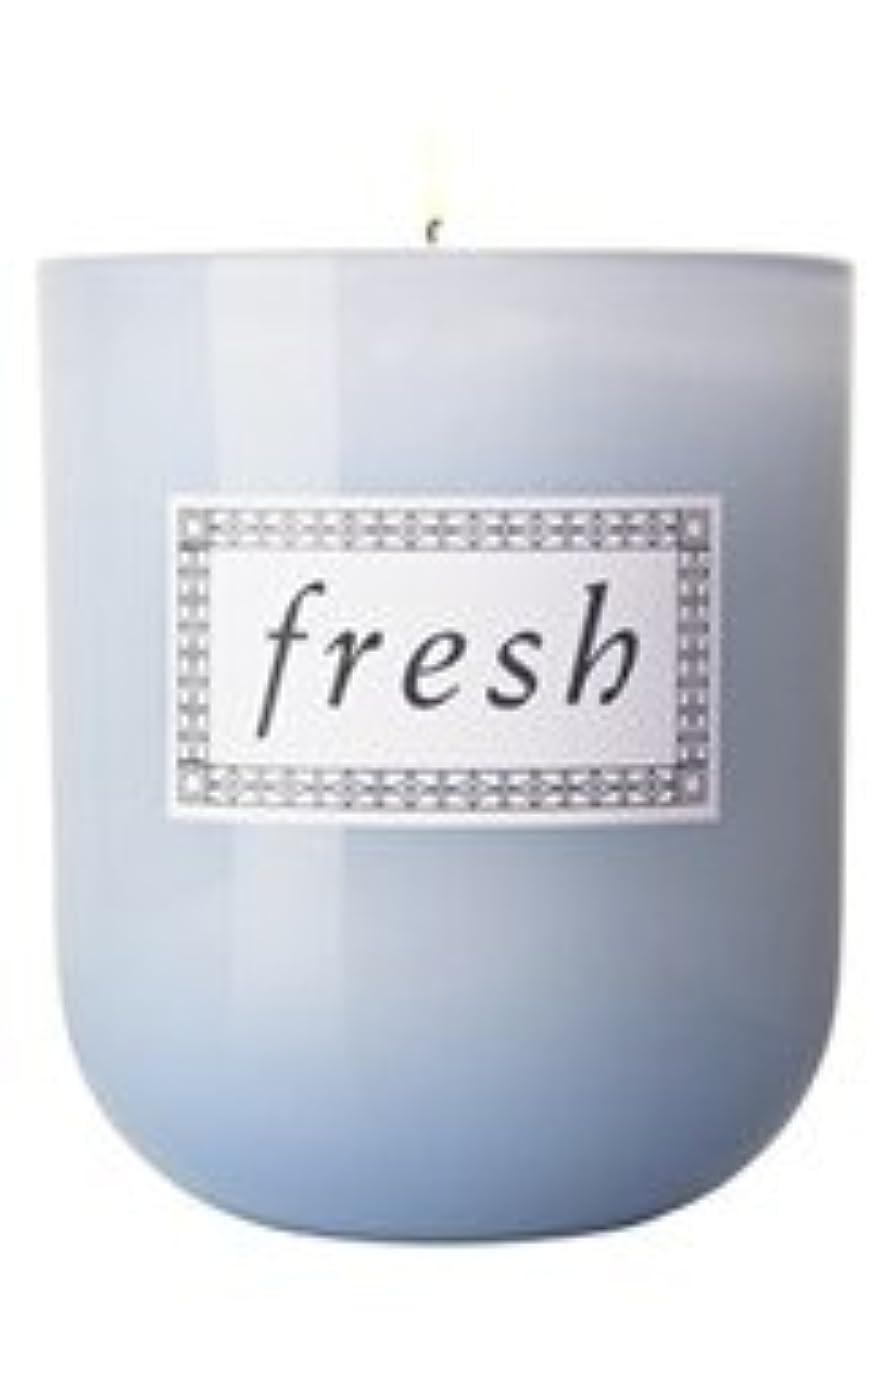 証拠スクランブル頭Fresh Life (フレッシュ ライフ) 215g Scented Candle (香りつきキャンドル)